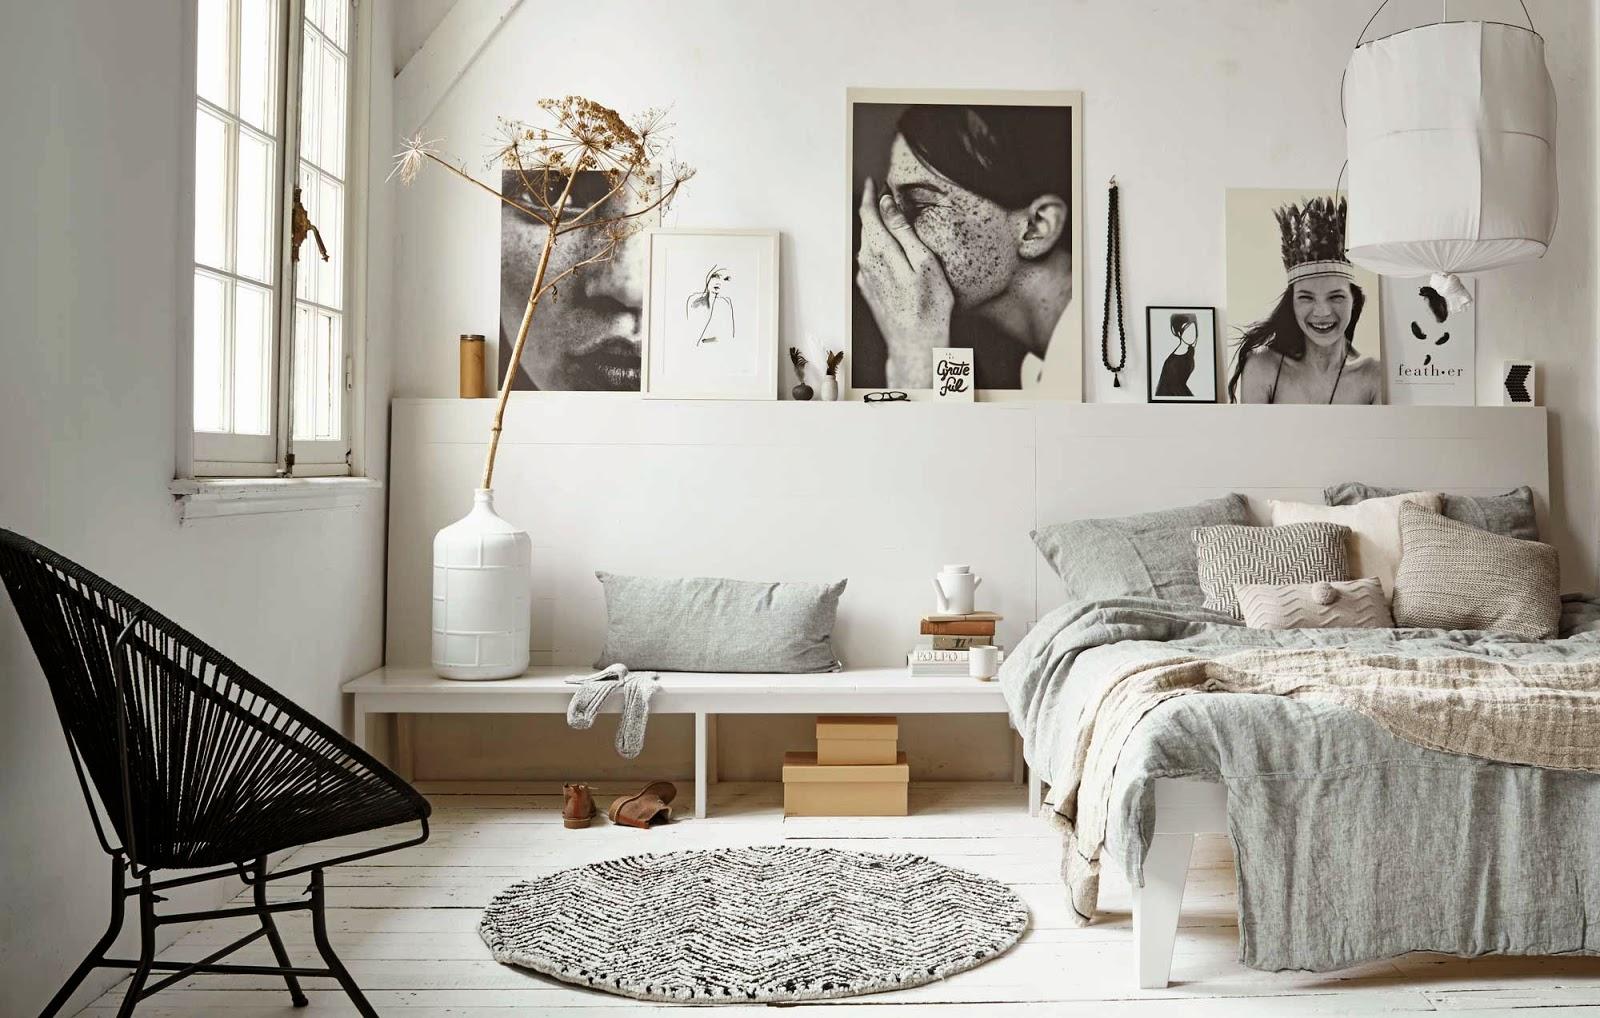 Schlagwort Schlafzimmer | Sweet Home : Sweet Home Schlafzimmer Bilder